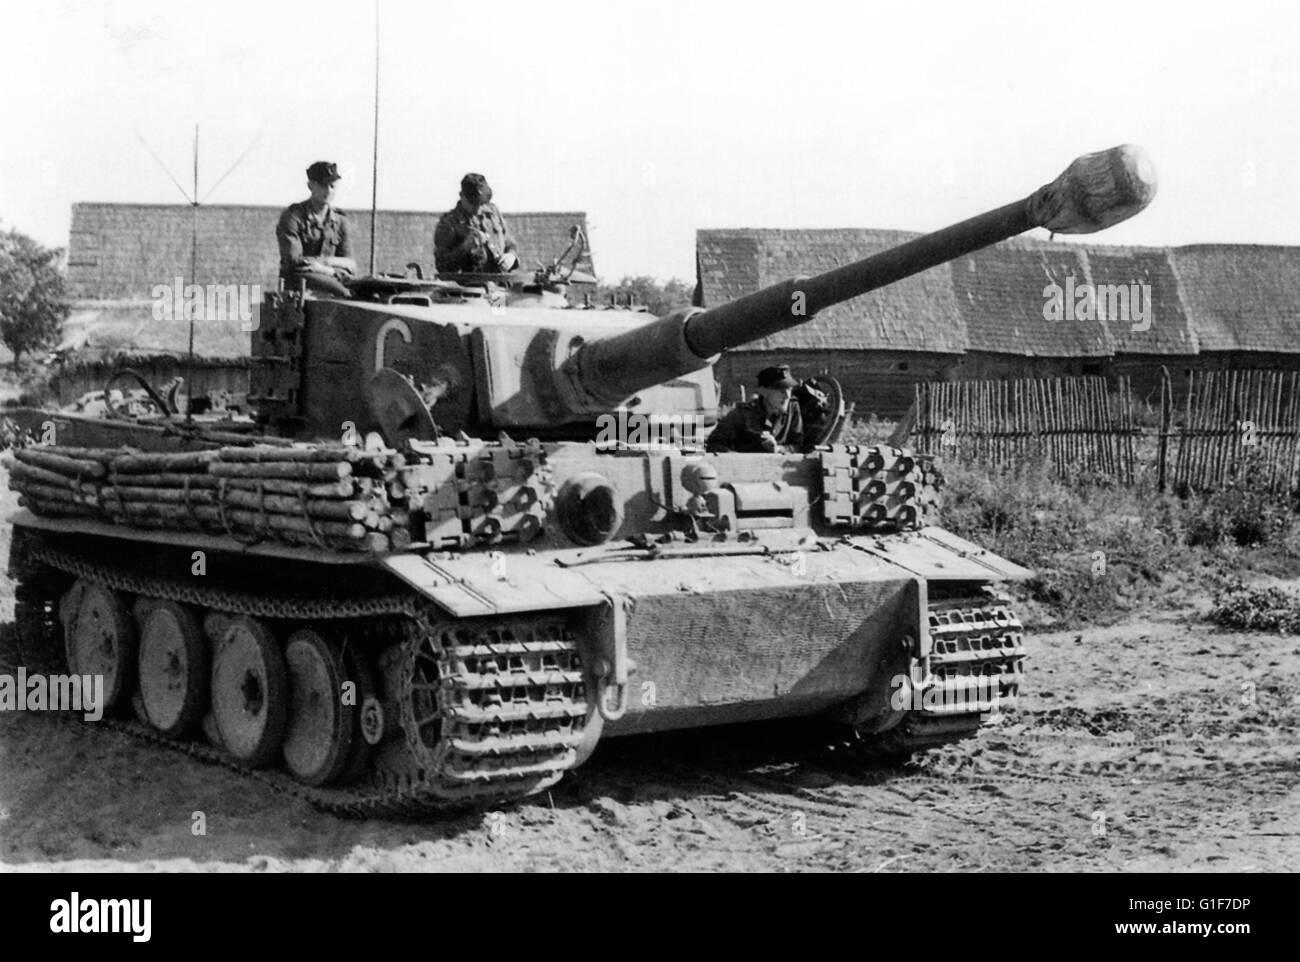 deutschen tiger panzer an der ostfront 1944 stockfoto bild 104212018 alamy. Black Bedroom Furniture Sets. Home Design Ideas